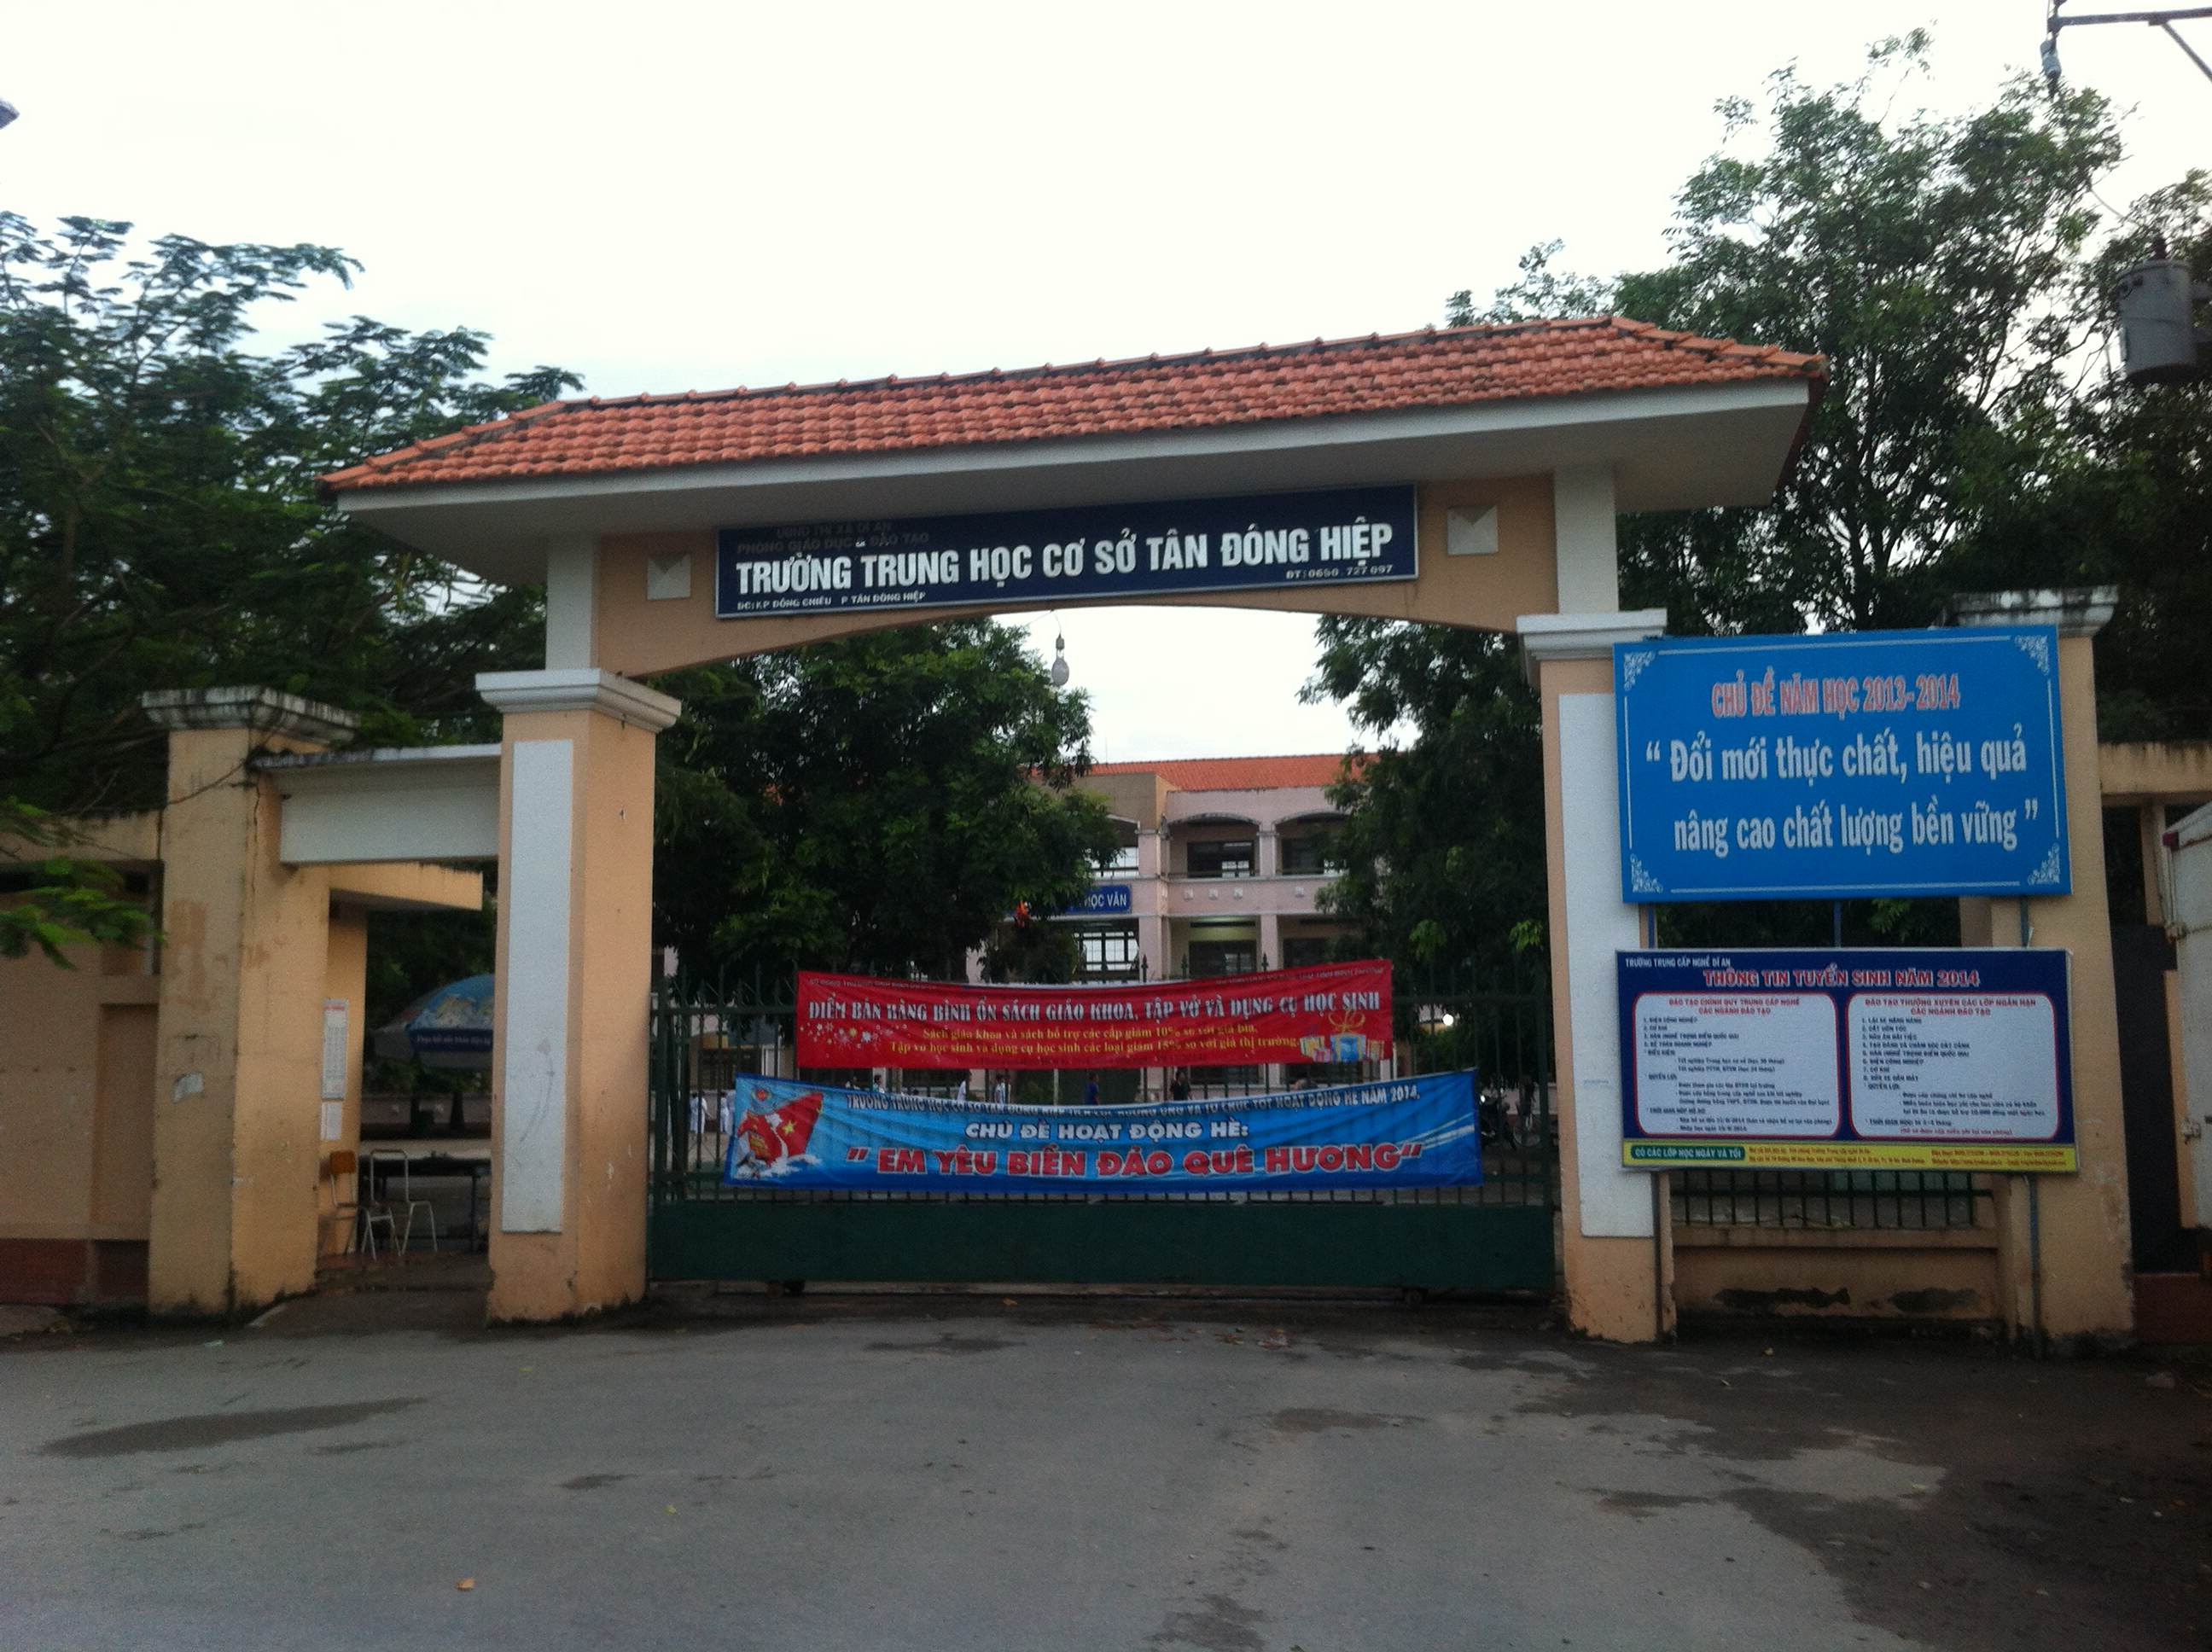 căn nhà mới dĩ an chính chủ, nhà gần trường học Tân Đông Hiệp Dĩ an.